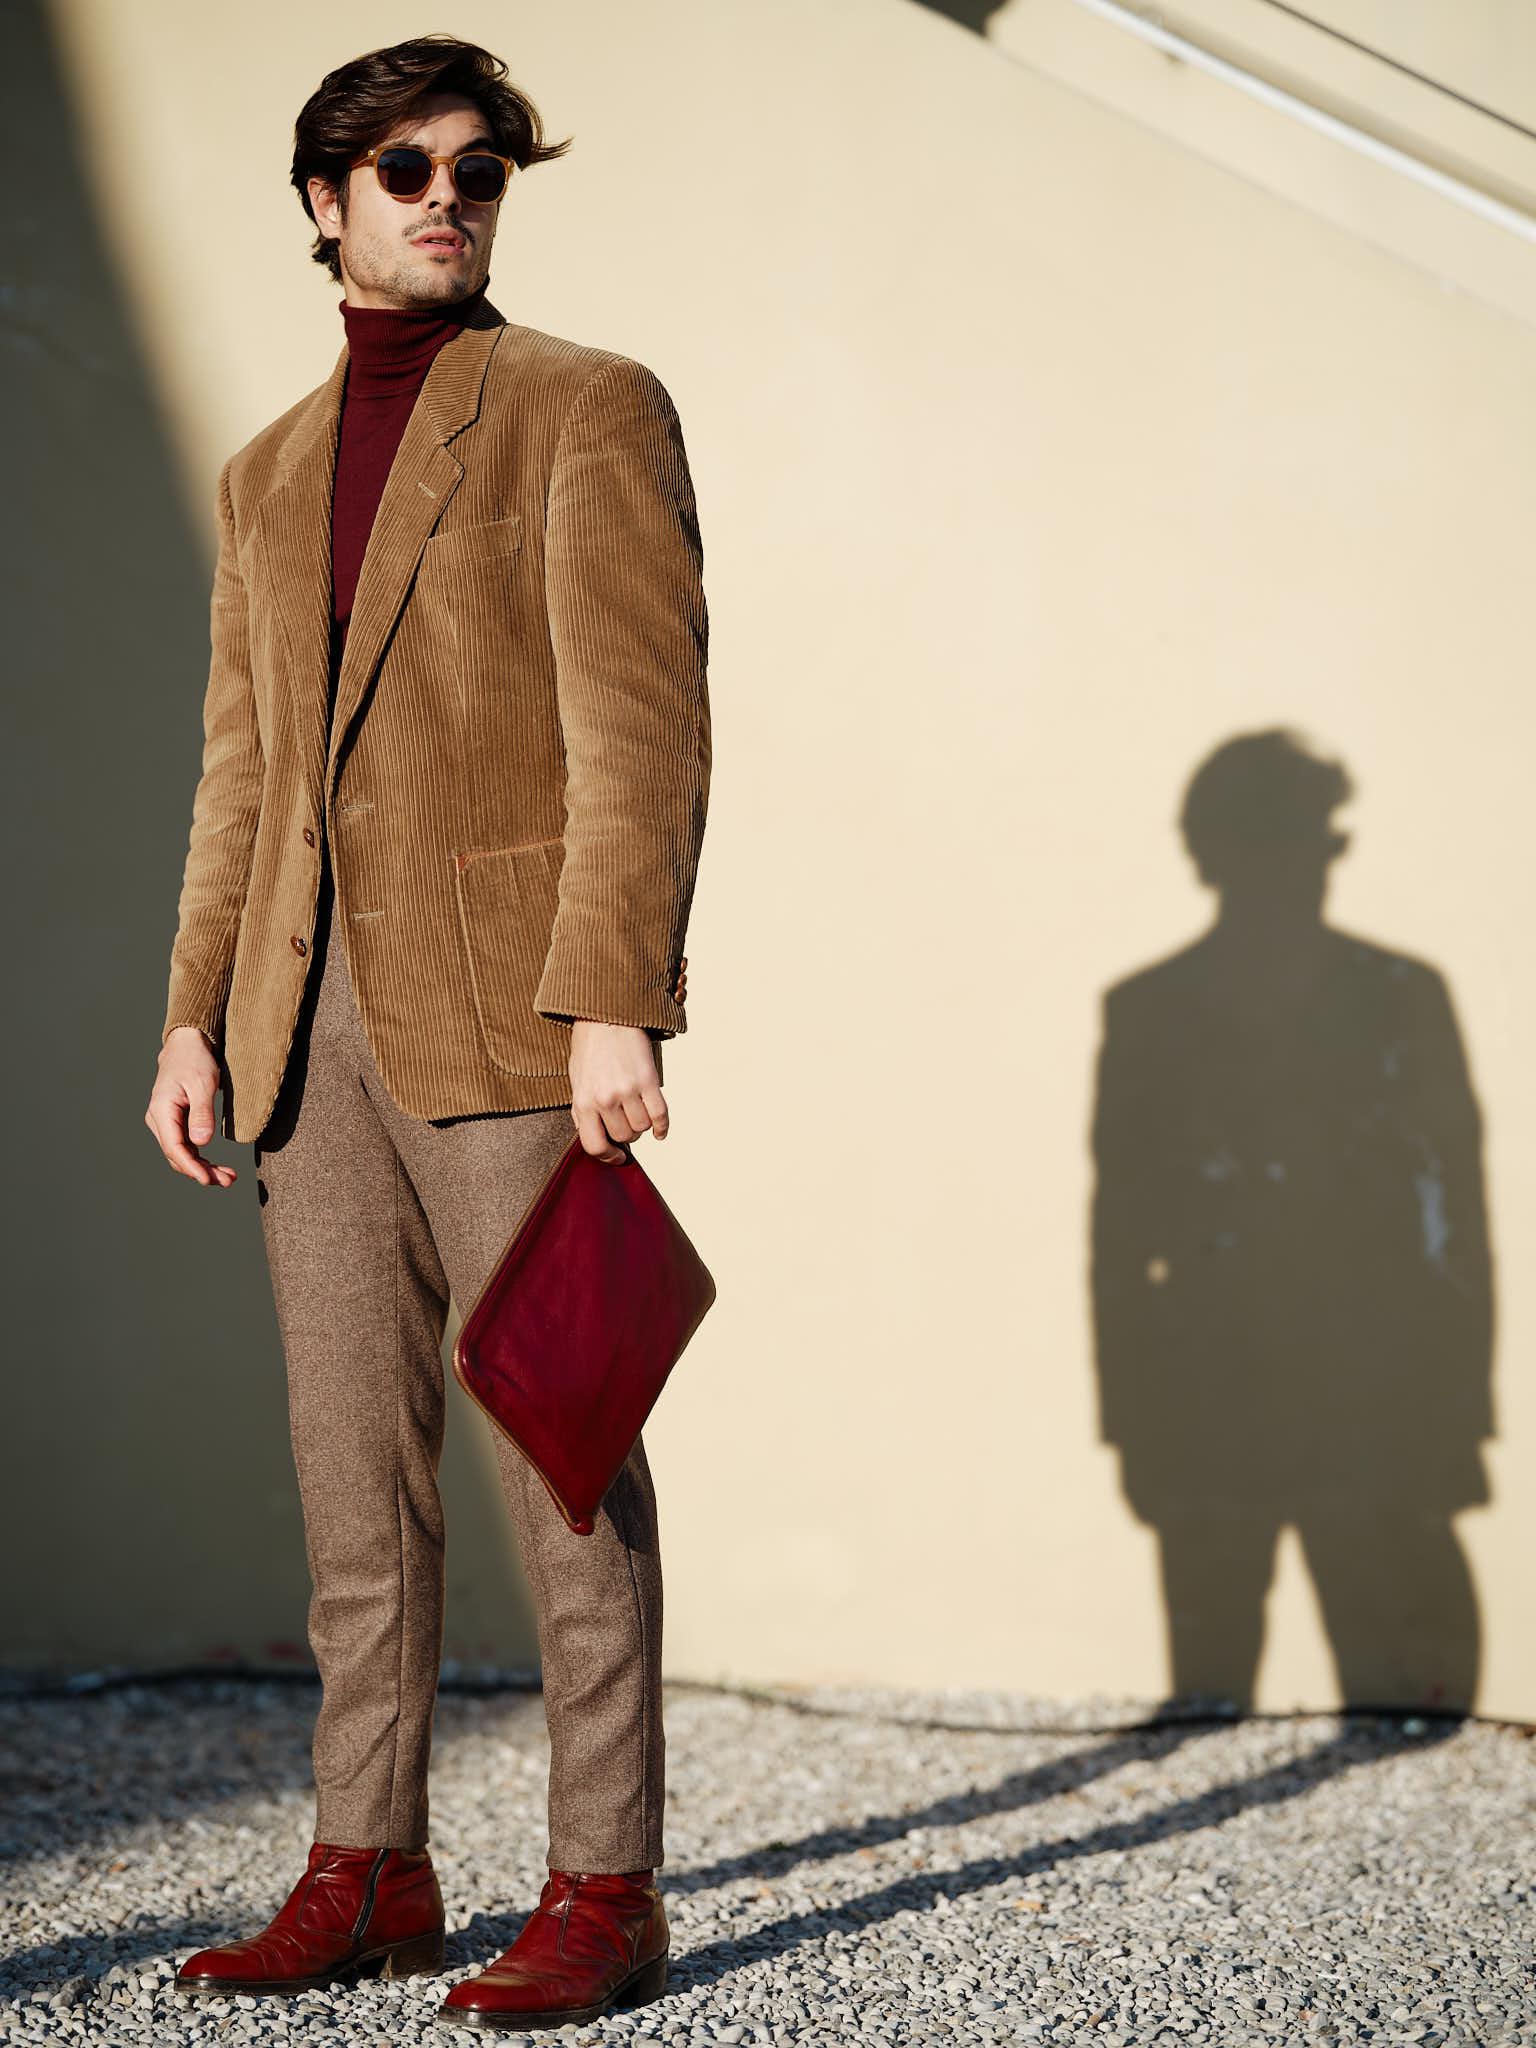 Fashion portrait in Florence at Pitti Immagine Uomo